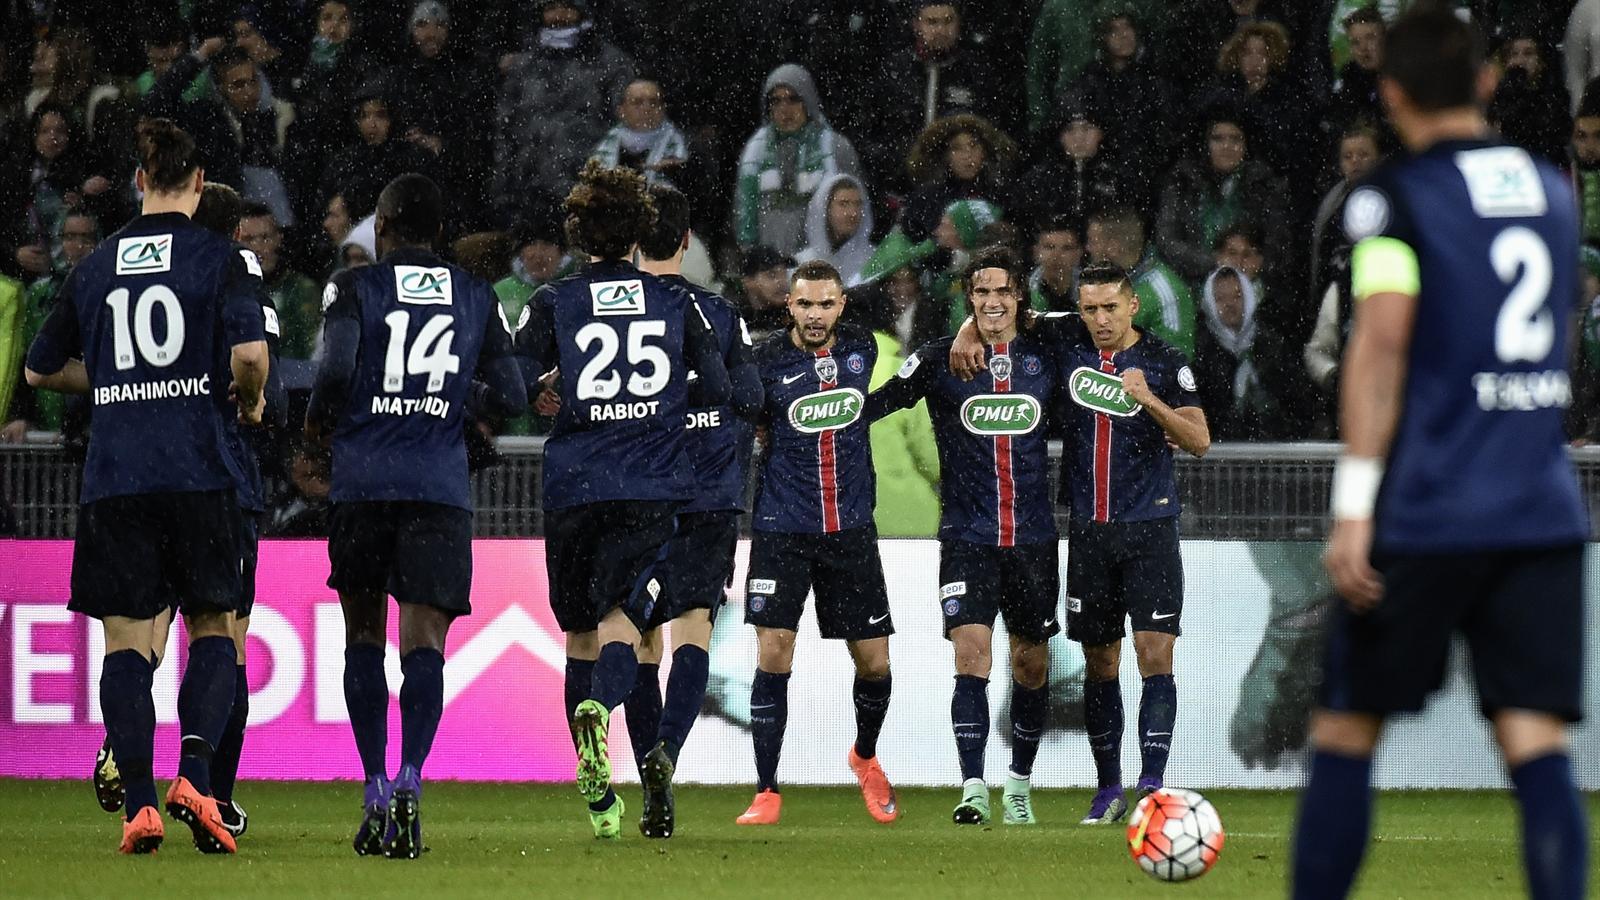 Vainqueur saint etienne 1 3 le psg a parfaitement - Resultats coupe de france football 2015 ...